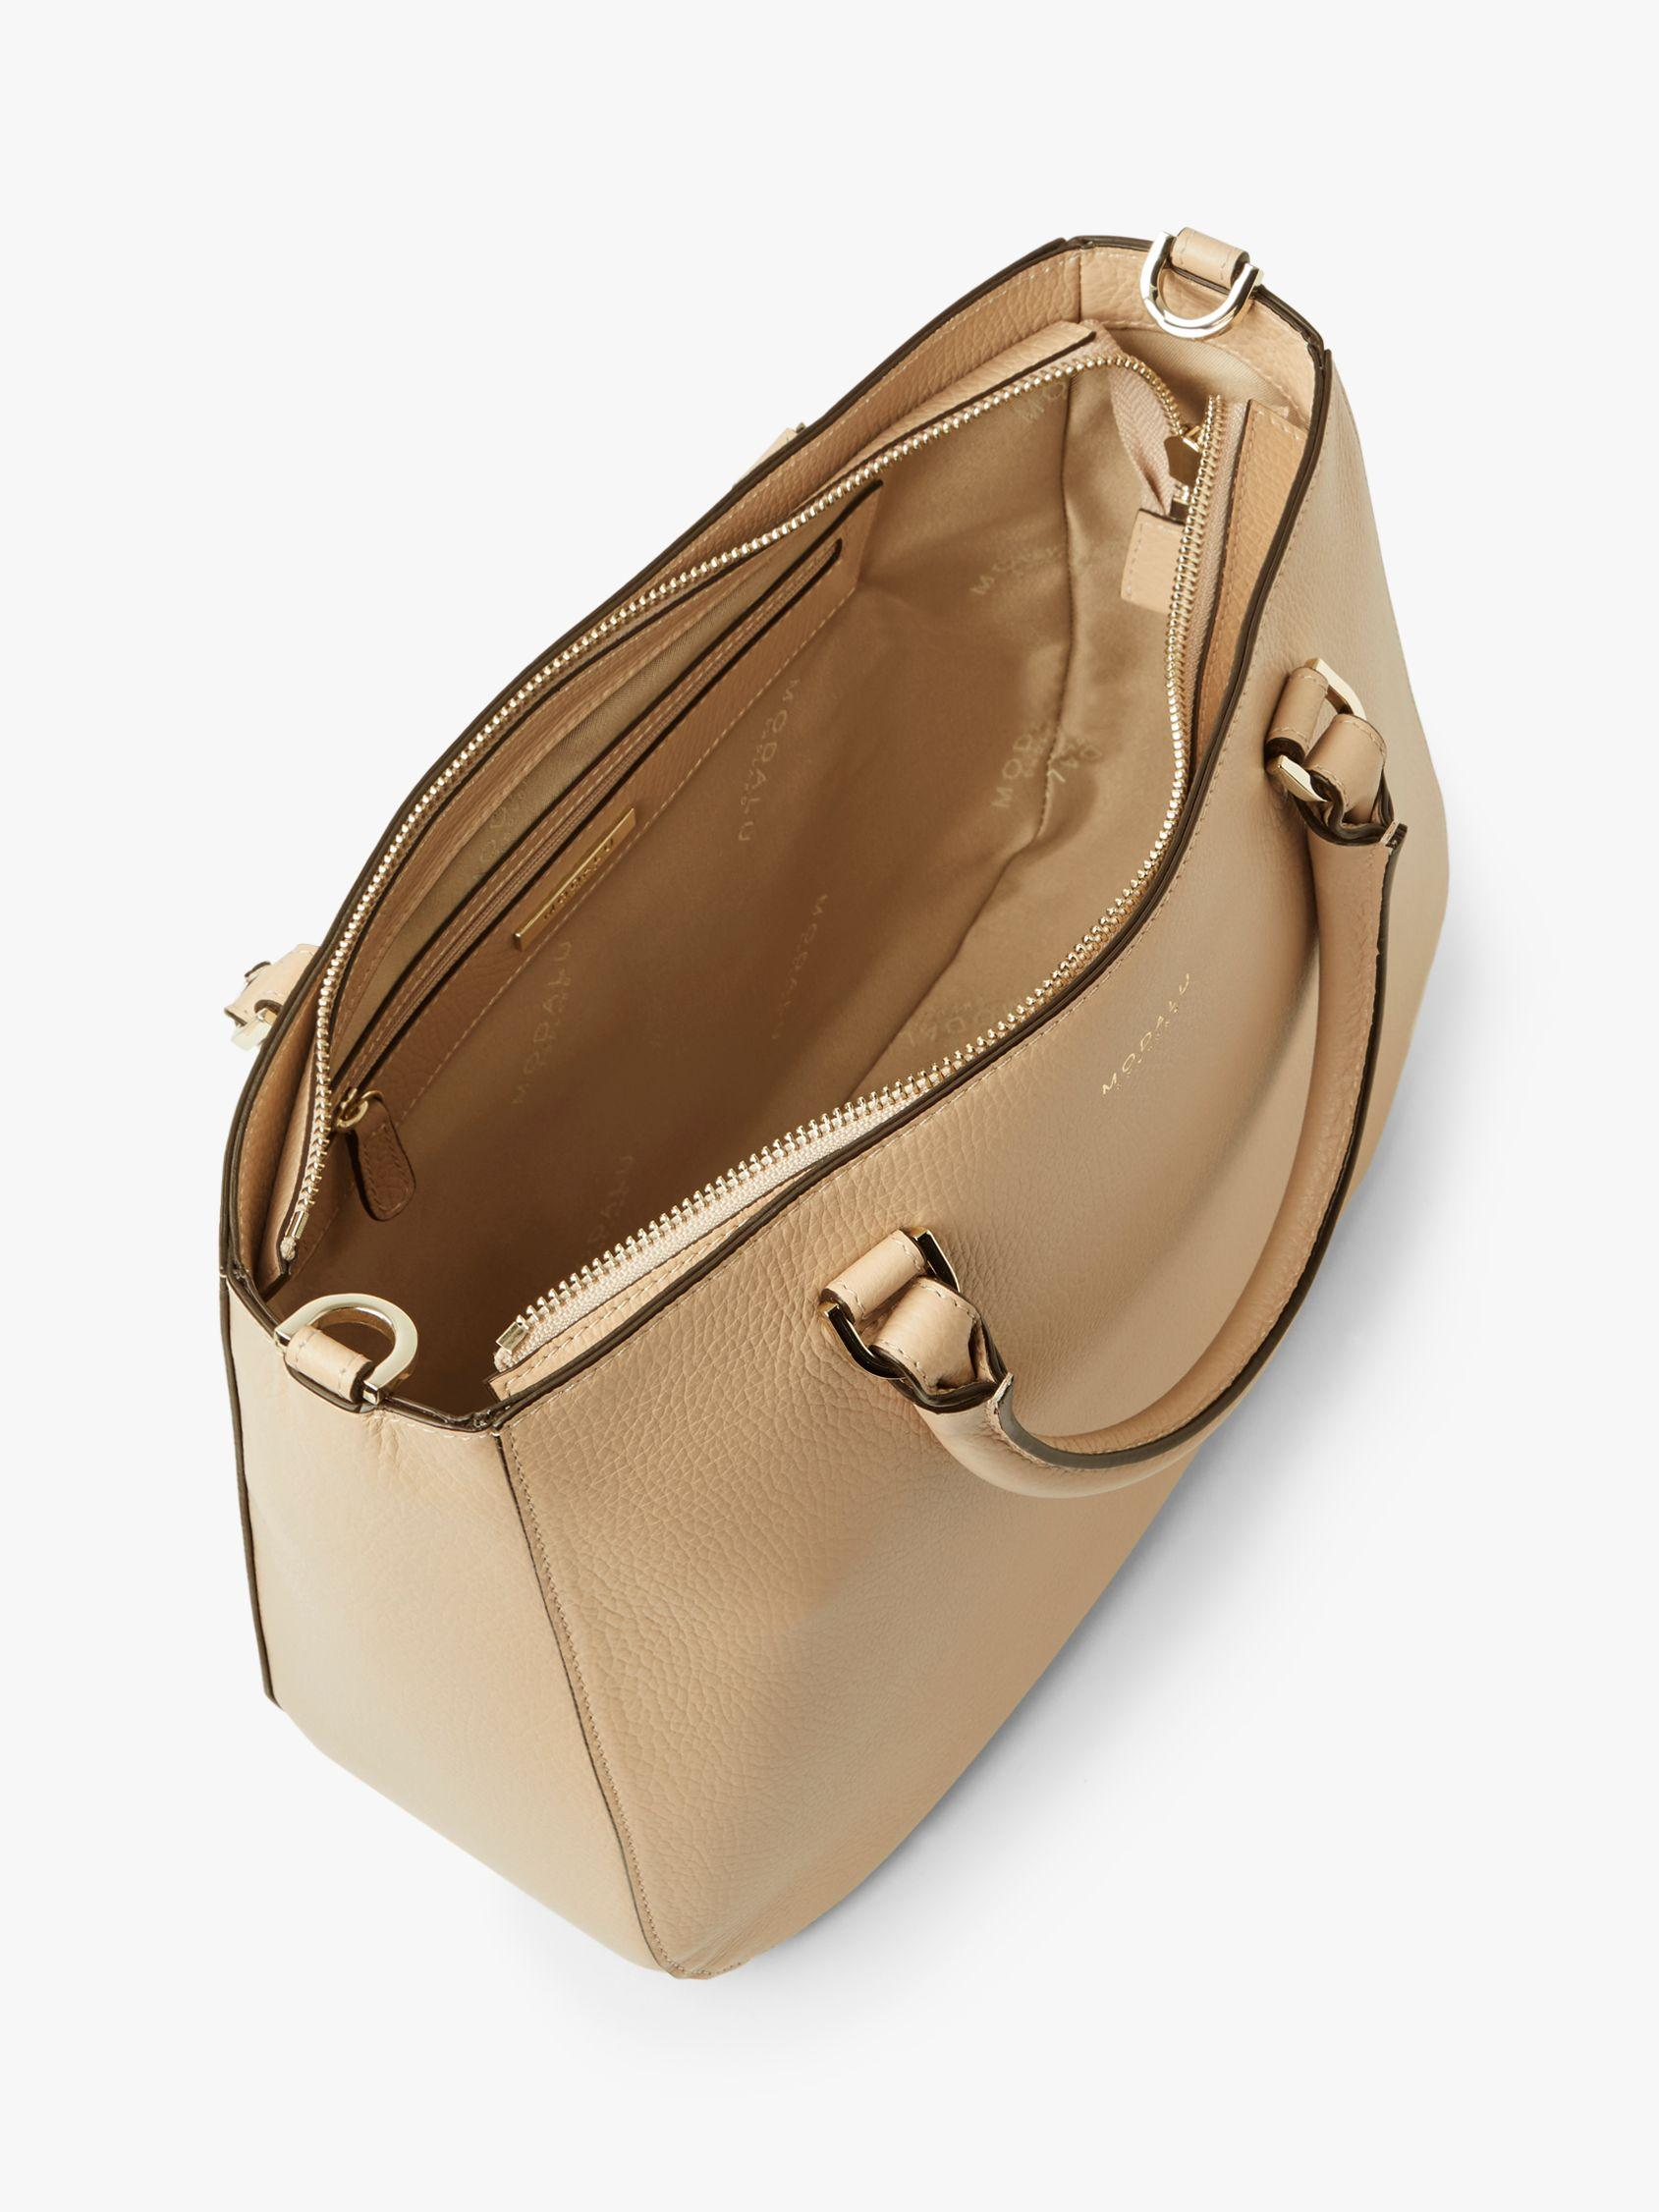 5de78e99359dd Modalu Handbags John Lewis